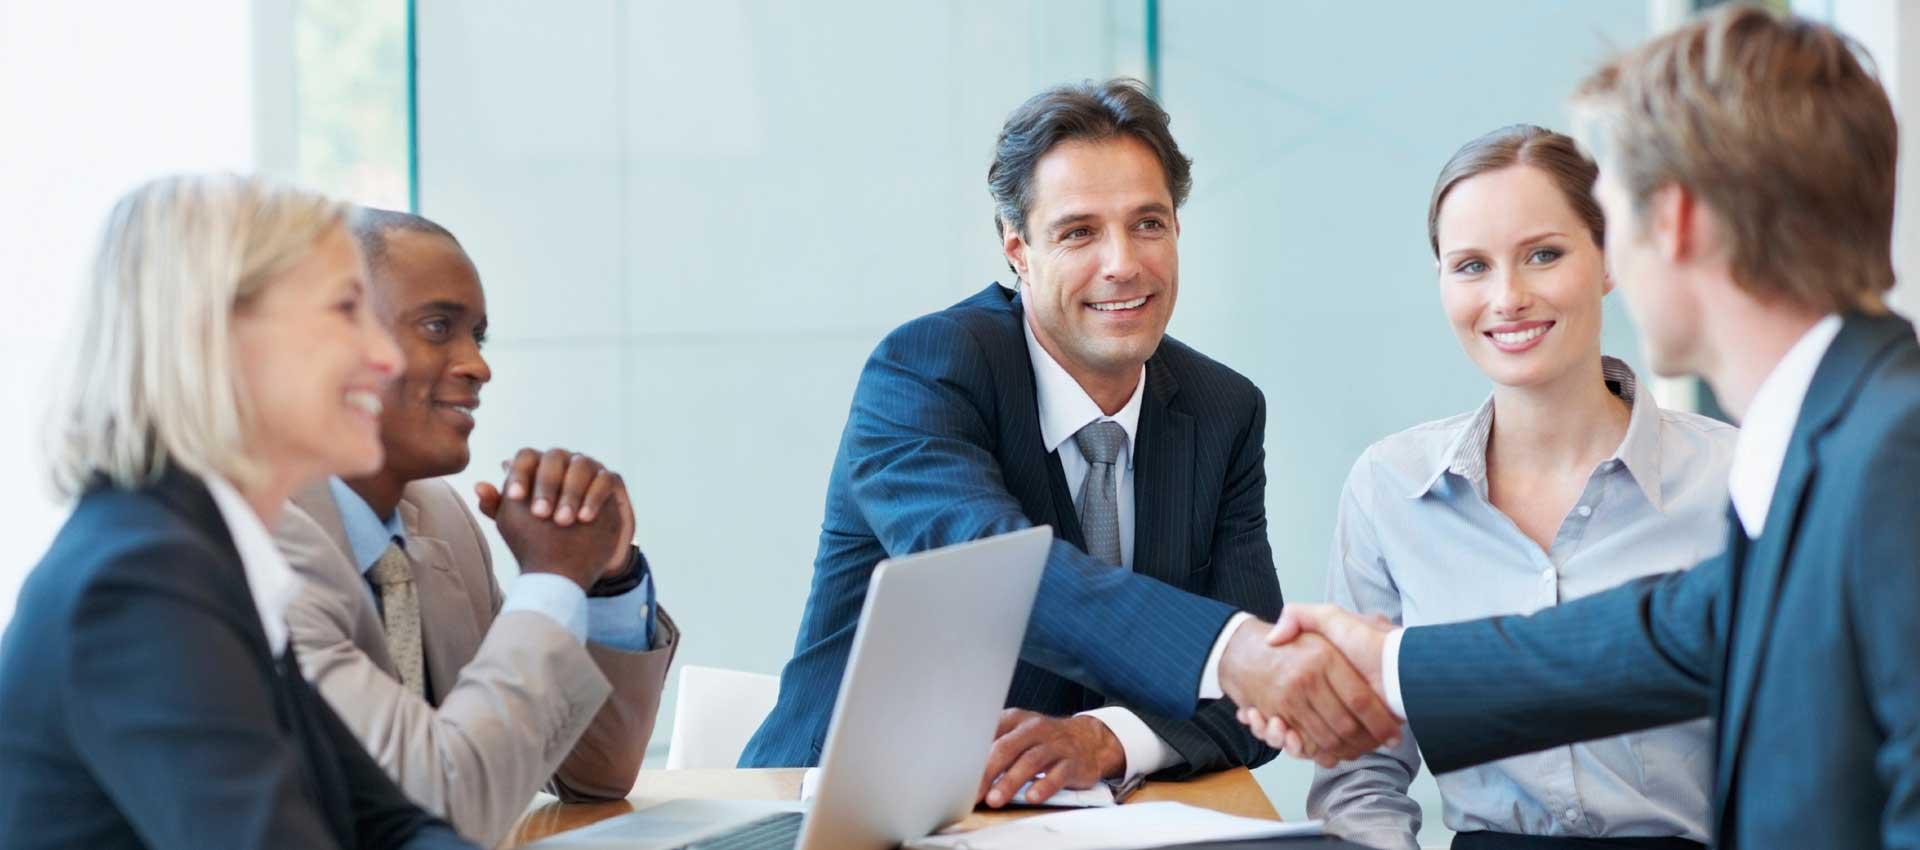 Thông tin tổng quan, khó khăn và kết quả đạt được của dự án American Stock Transfer and Trust Company